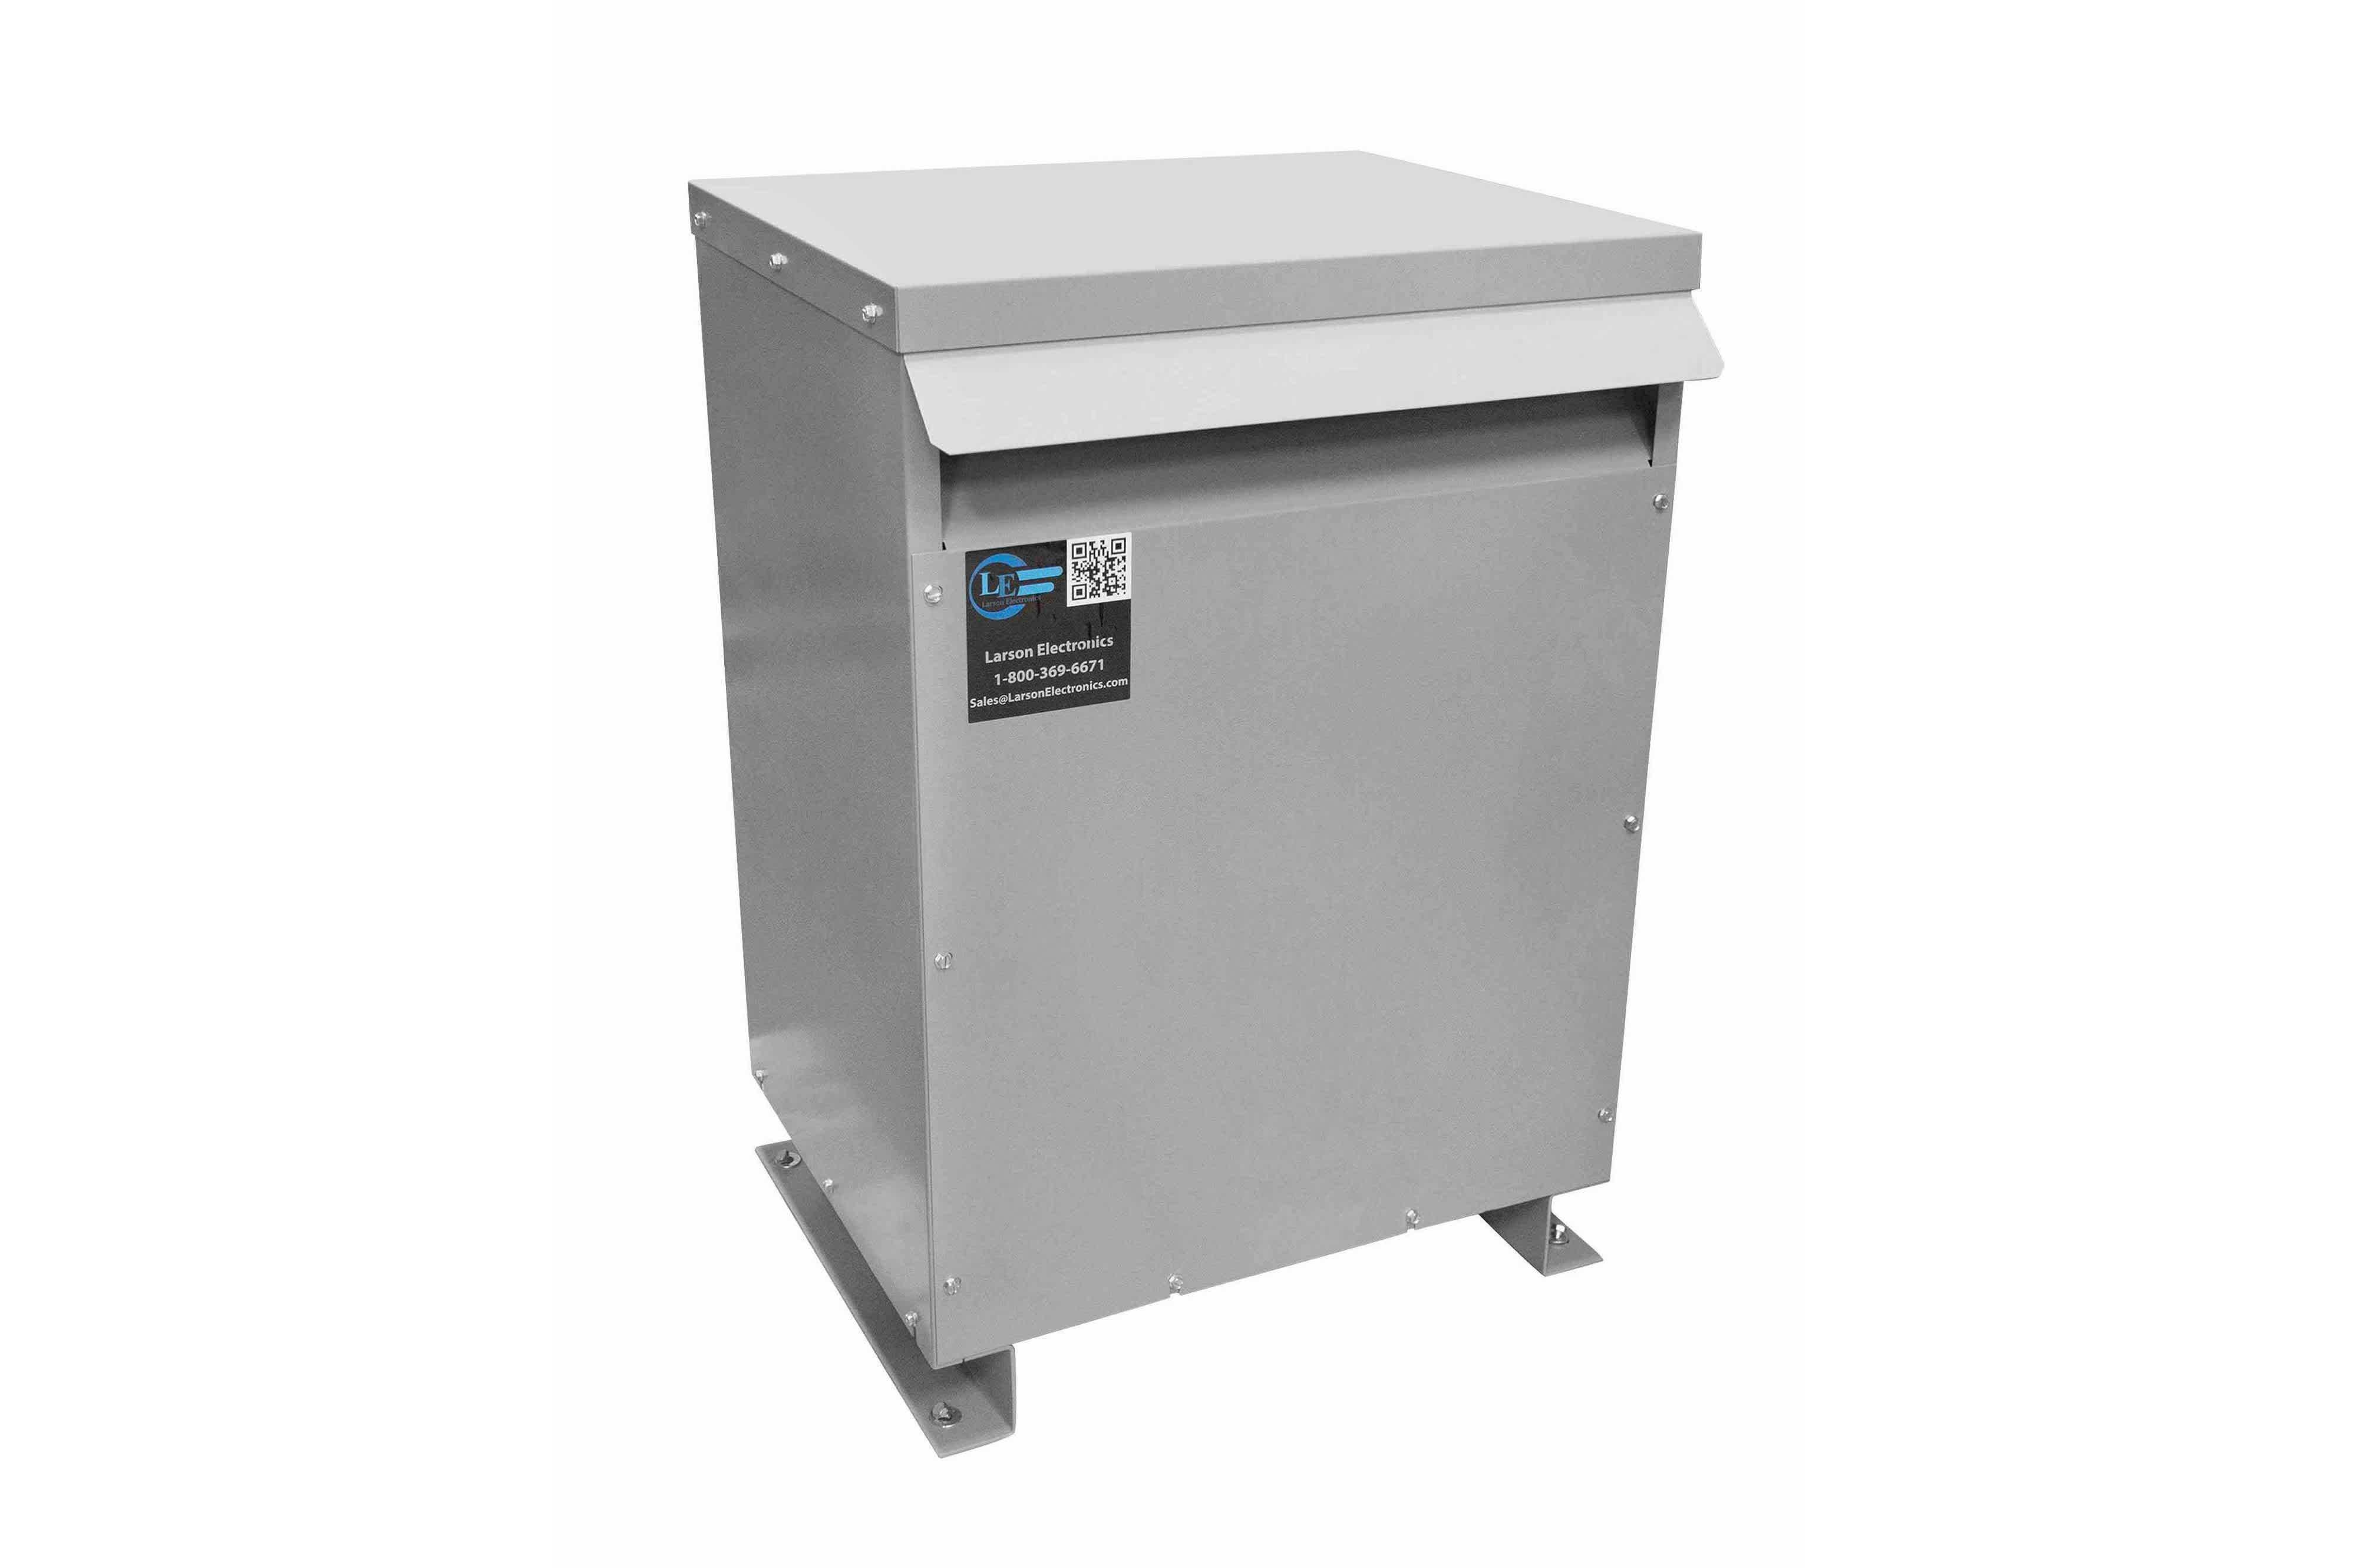 22.5 kVA 3PH Isolation Transformer, 208V Delta Primary, 600V Delta Secondary, N3R, Ventilated, 60 Hz